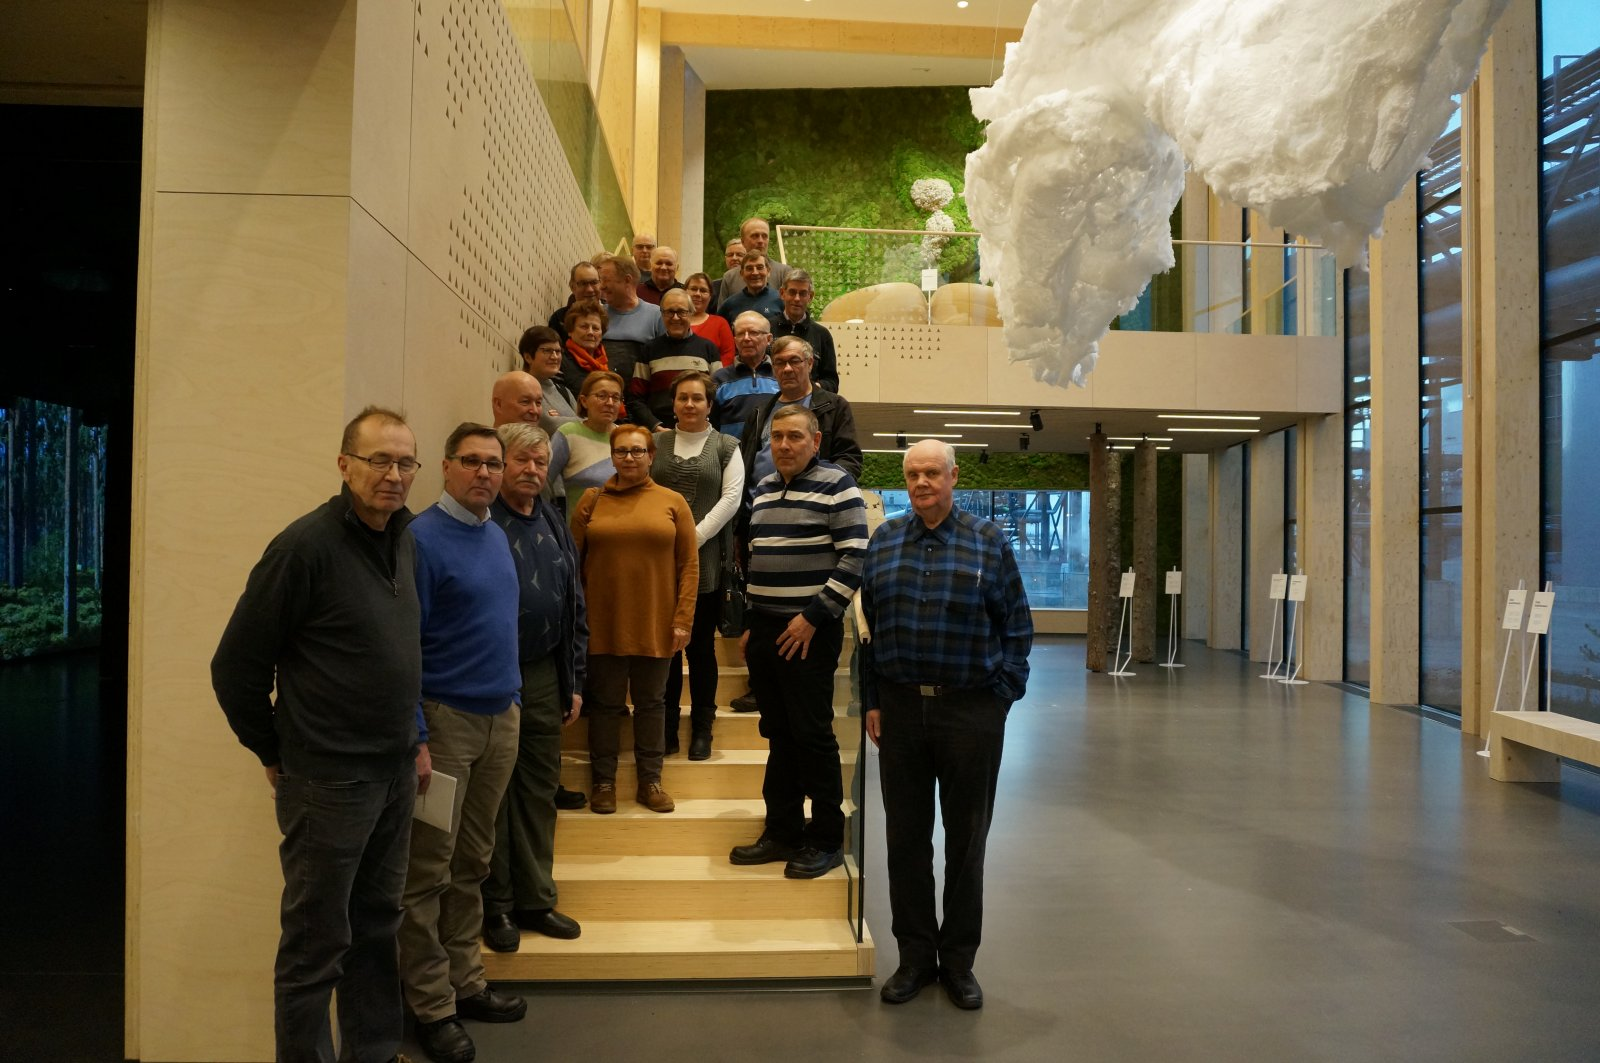 Äänekosken biotuotetehtaalla 22.11.2018